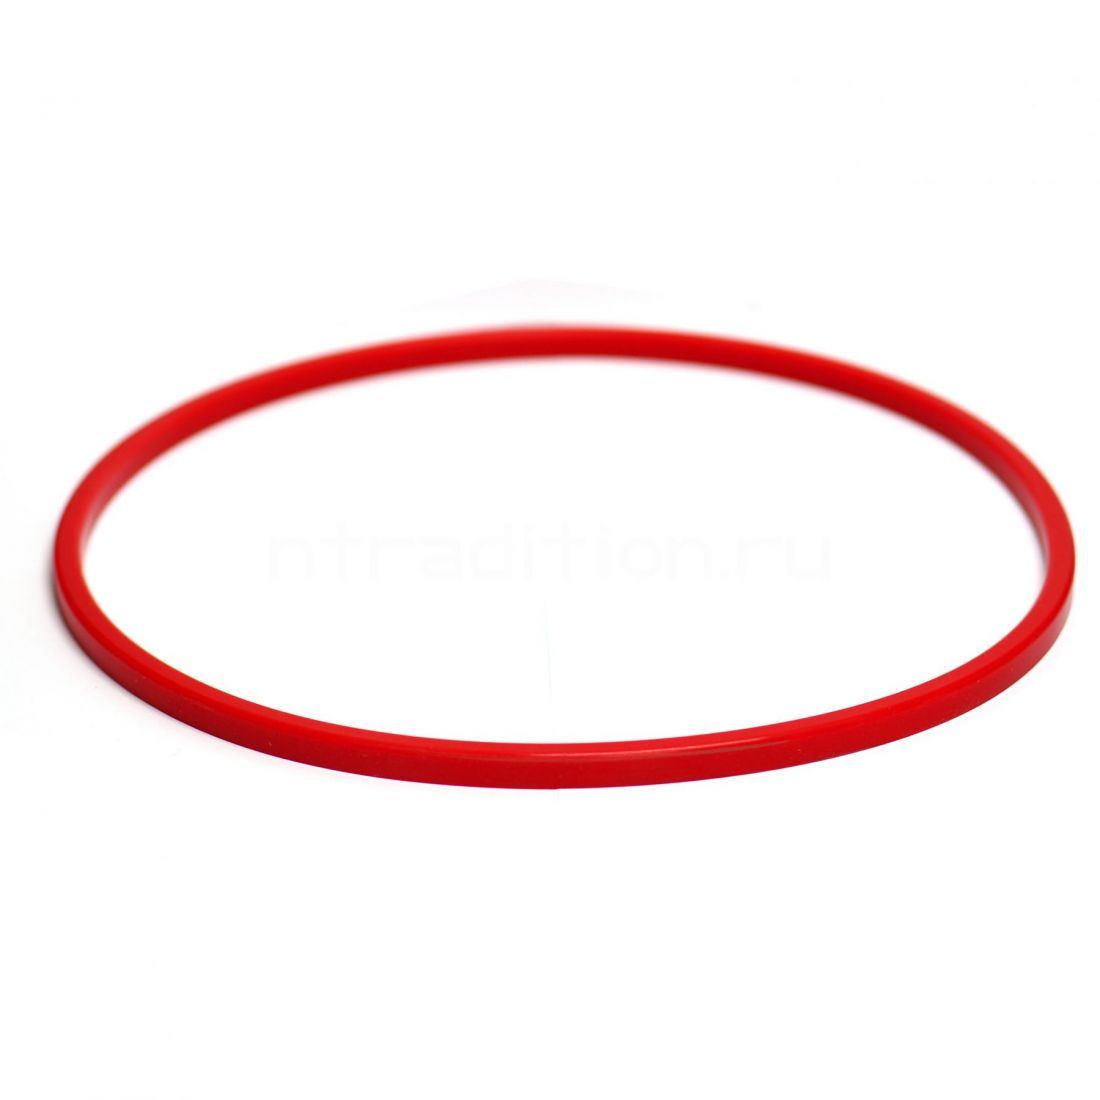 Толстая прокладка для куба, Люкссталь, объемом 21 литр (красная)